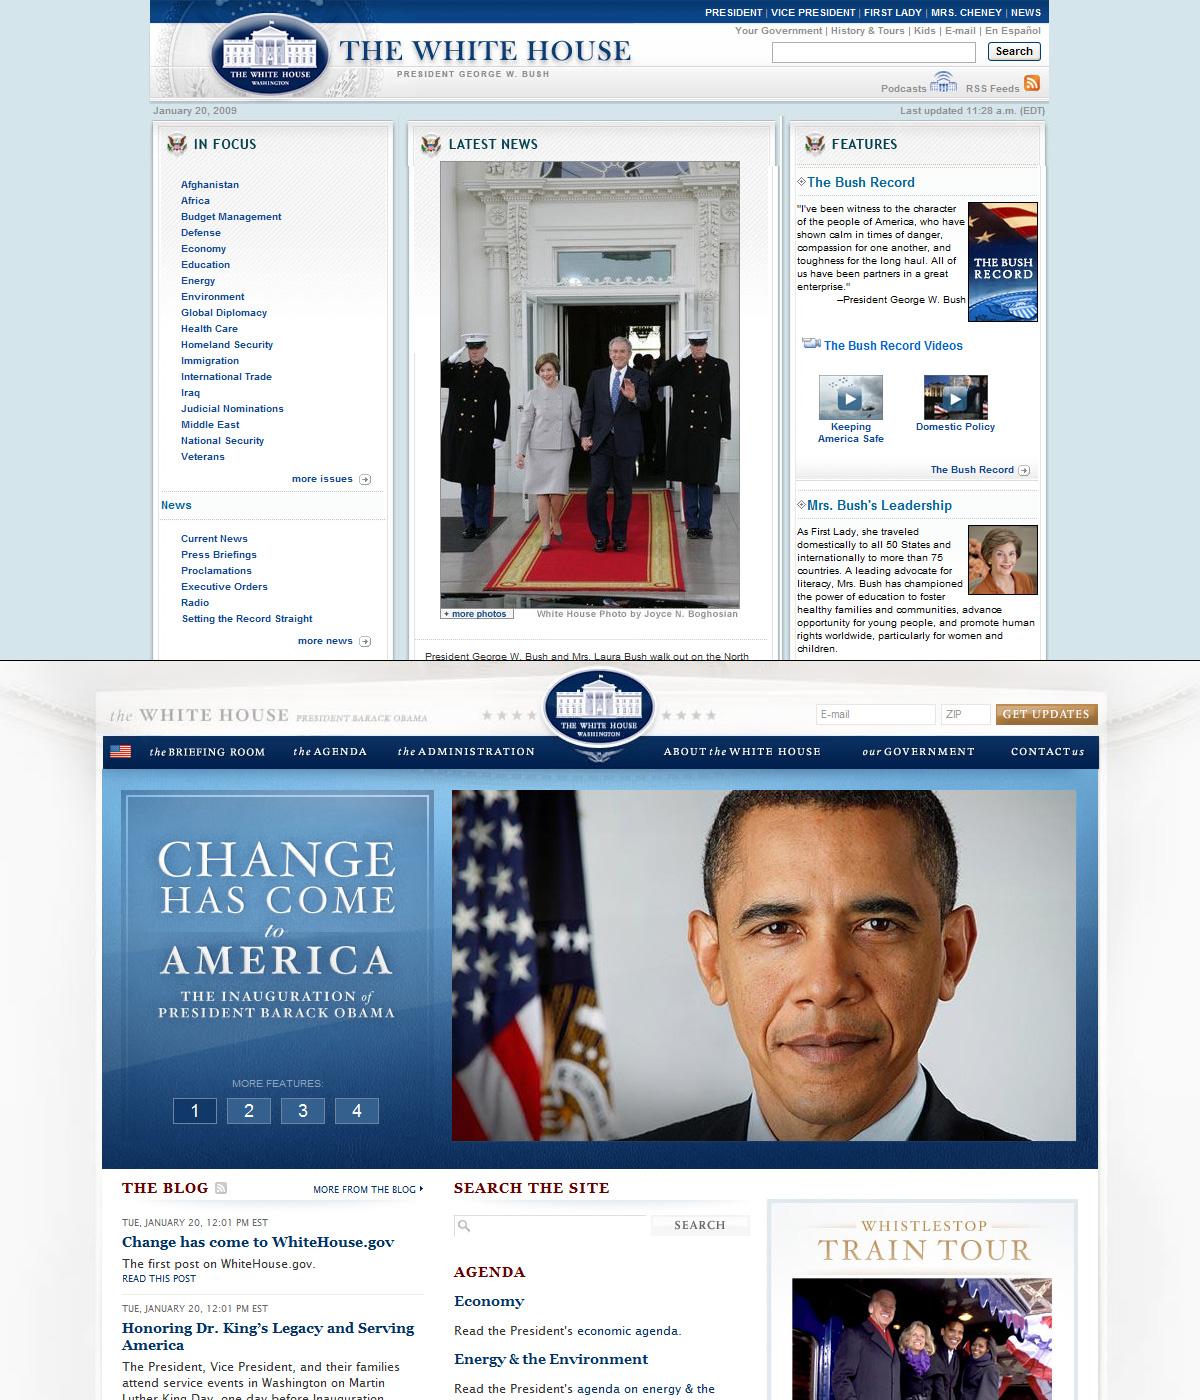 Washington.gov Before and After Web Design Barack Obama